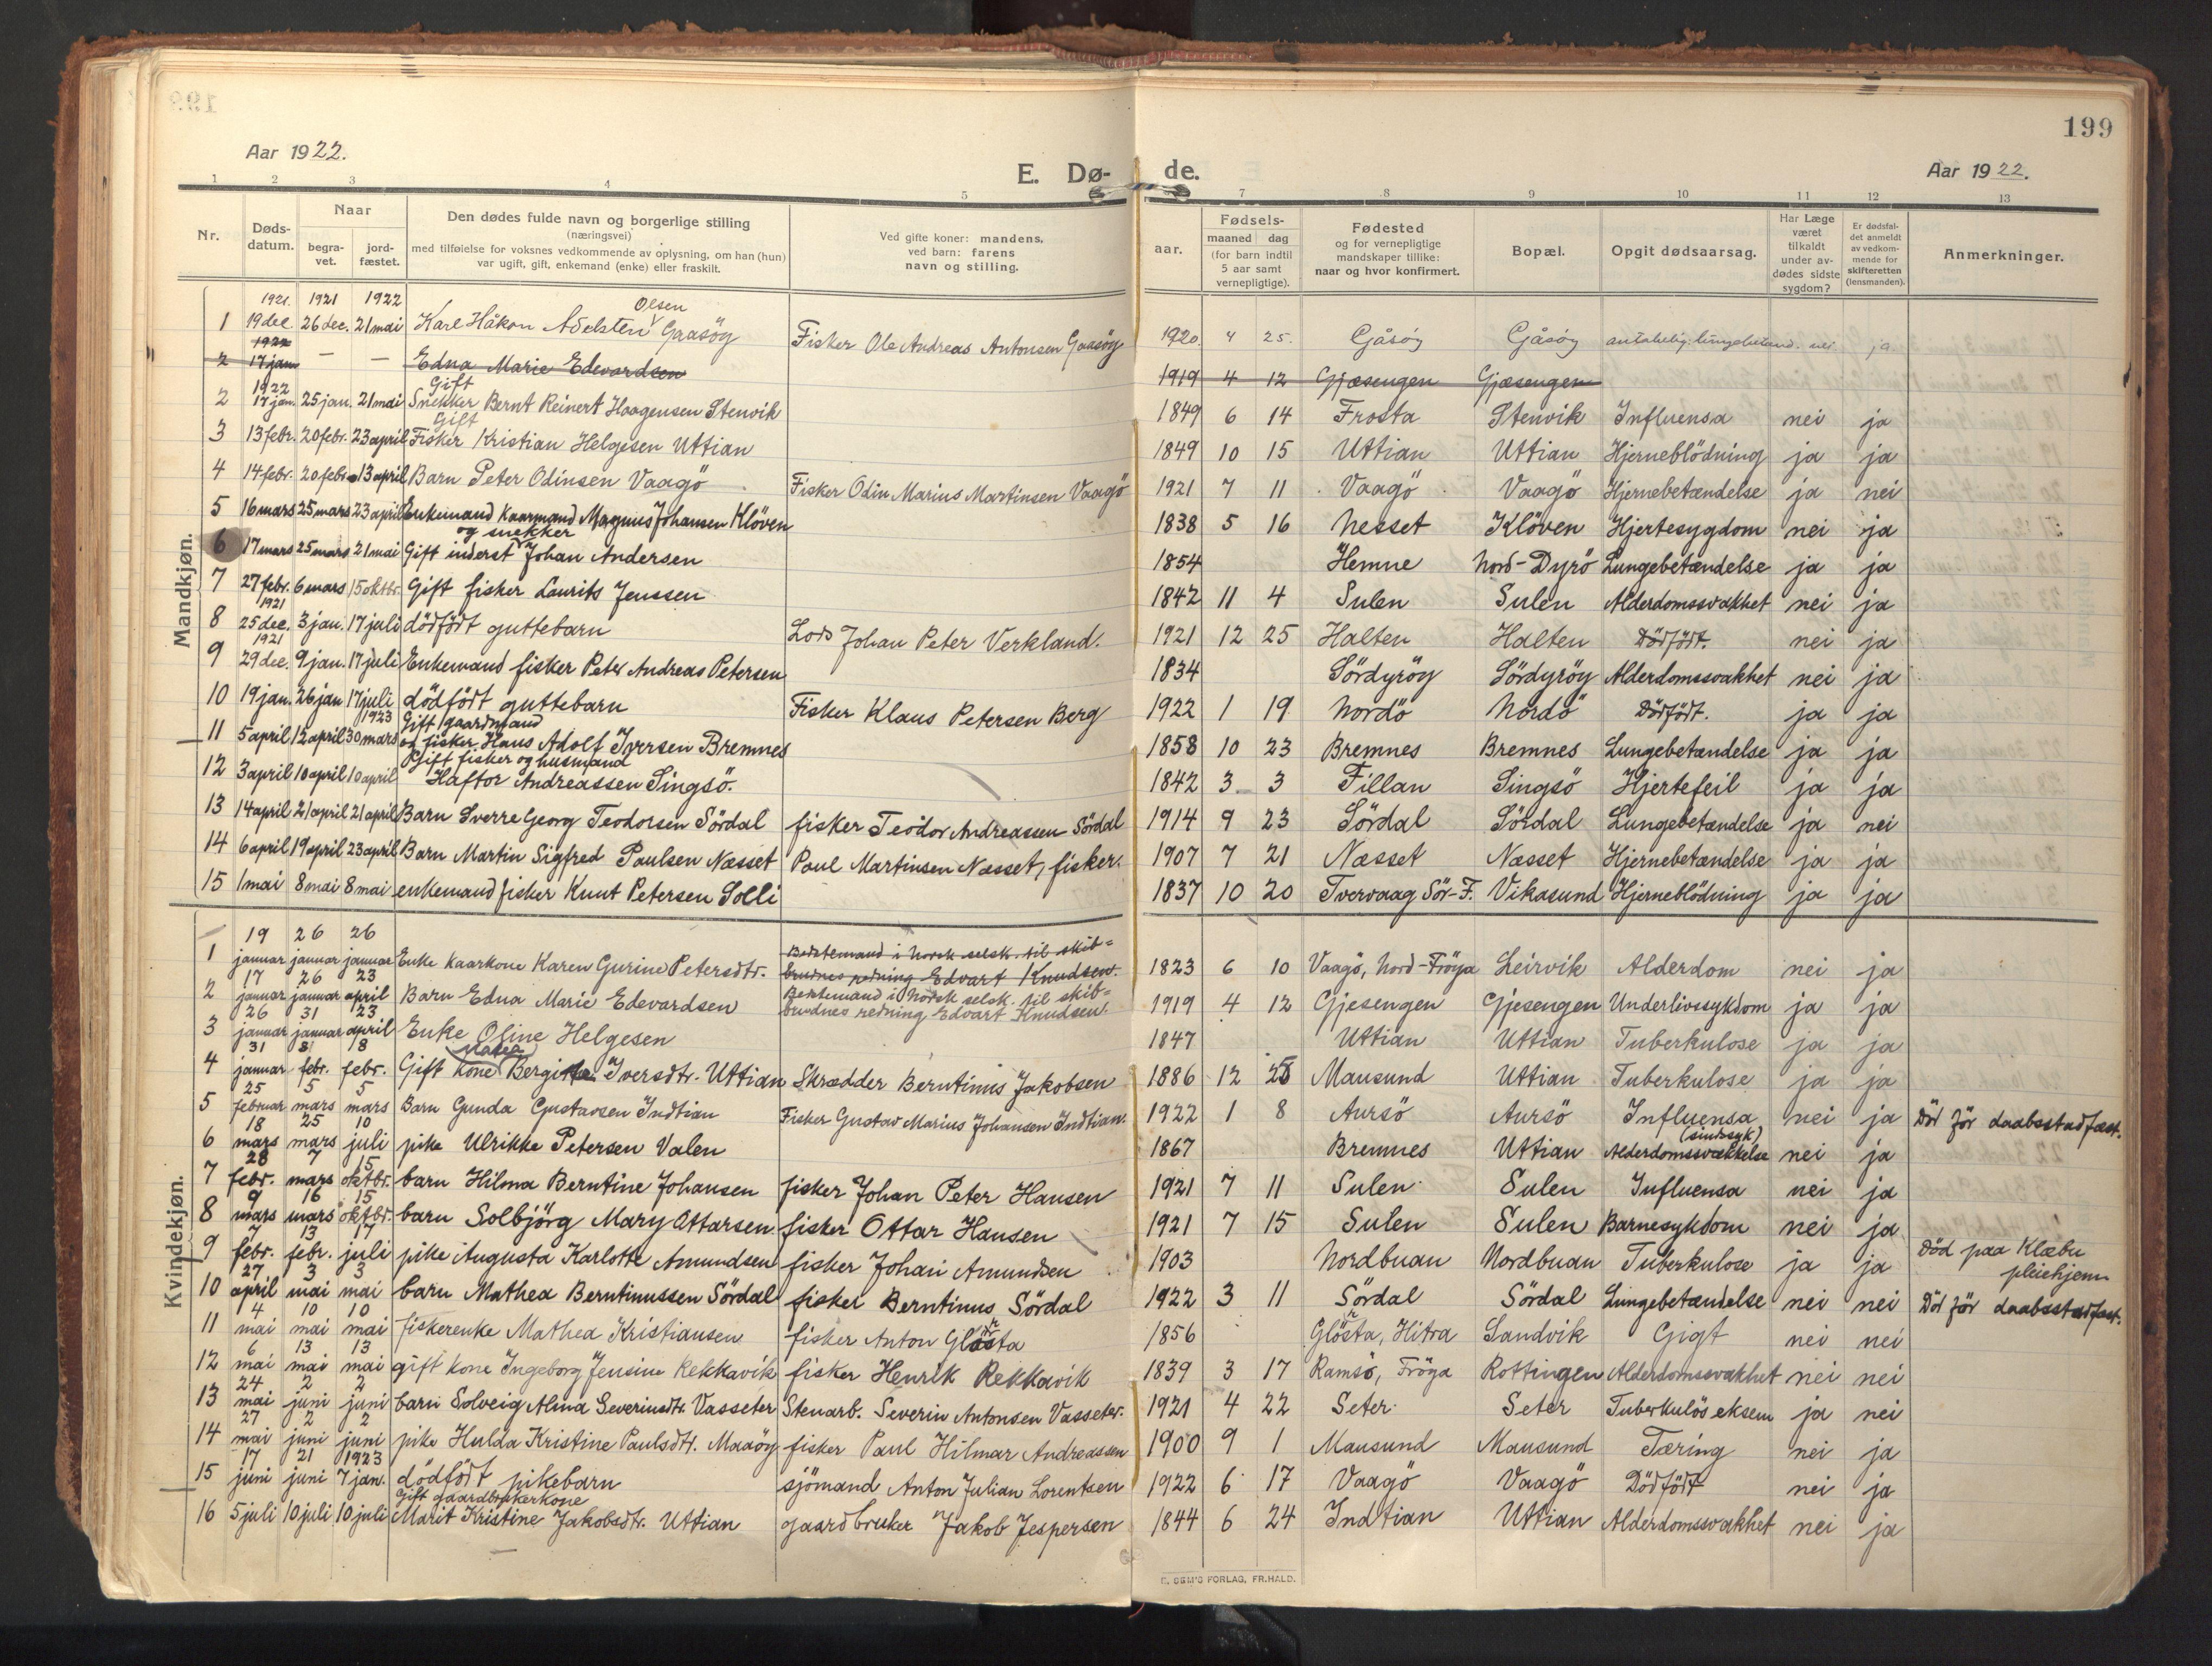 SAT, Ministerialprotokoller, klokkerbøker og fødselsregistre - Sør-Trøndelag, 640/L0581: Ministerialbok nr. 640A06, 1910-1924, s. 199